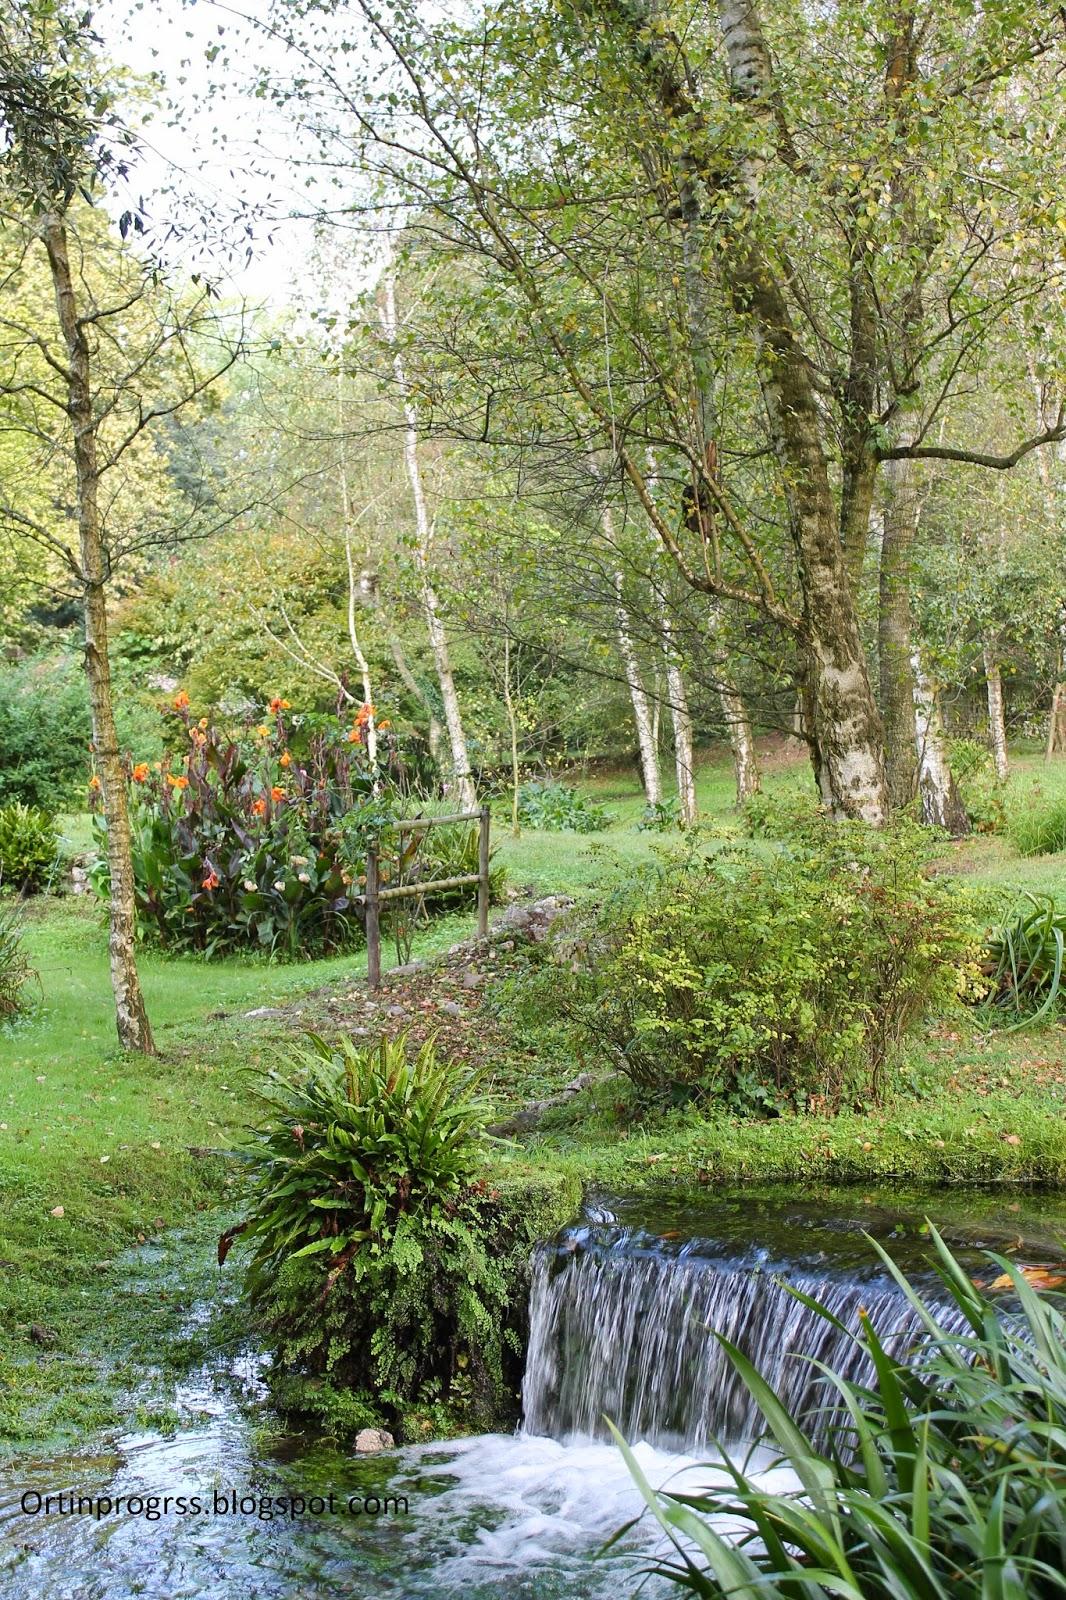 Orti in progress i giardini di ninfa - I giardini di ninfa ...